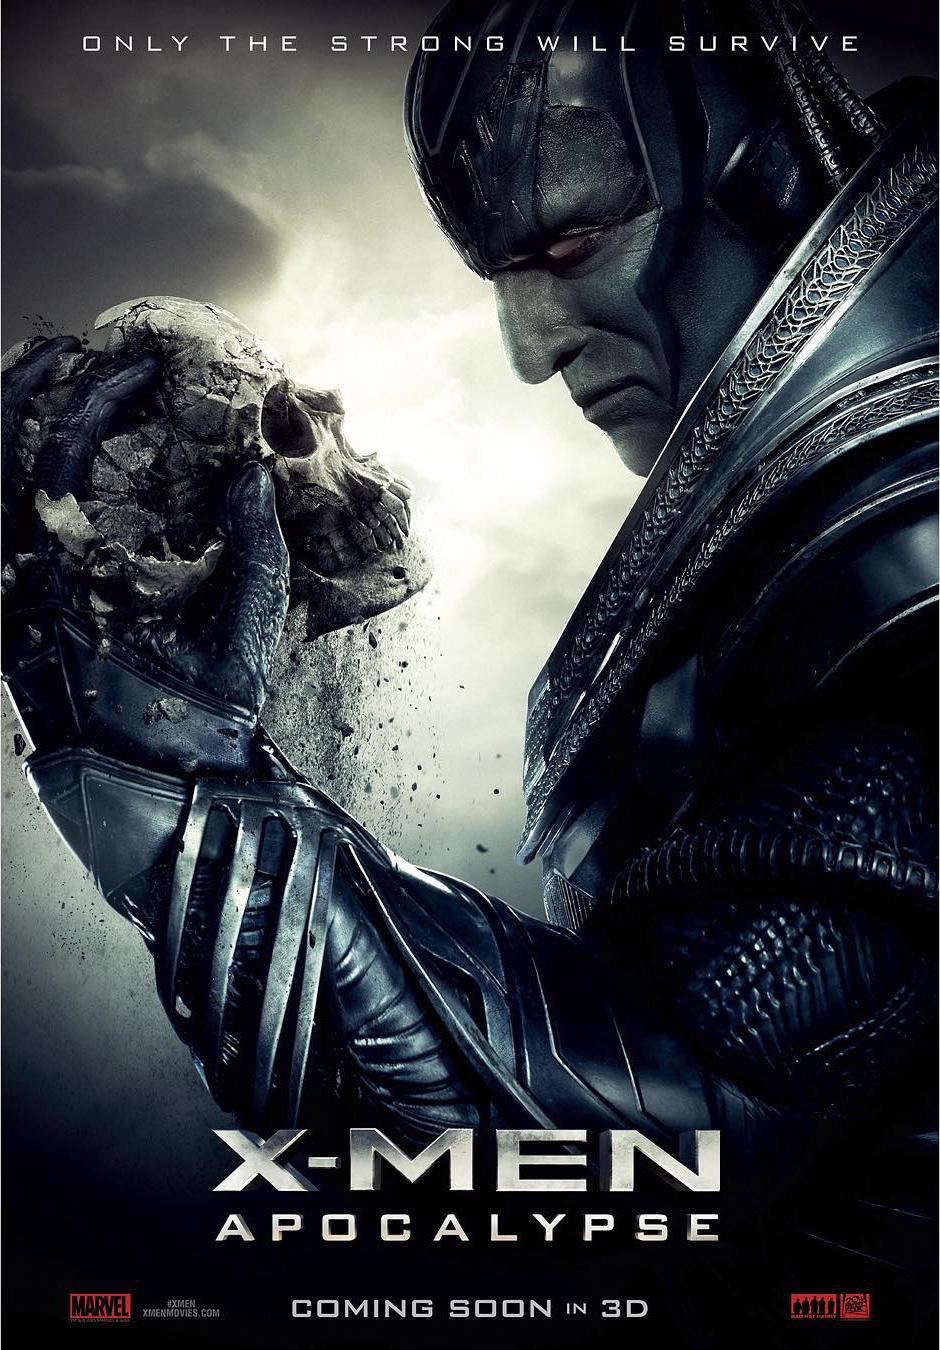 xmen_apocalypse_official_poster